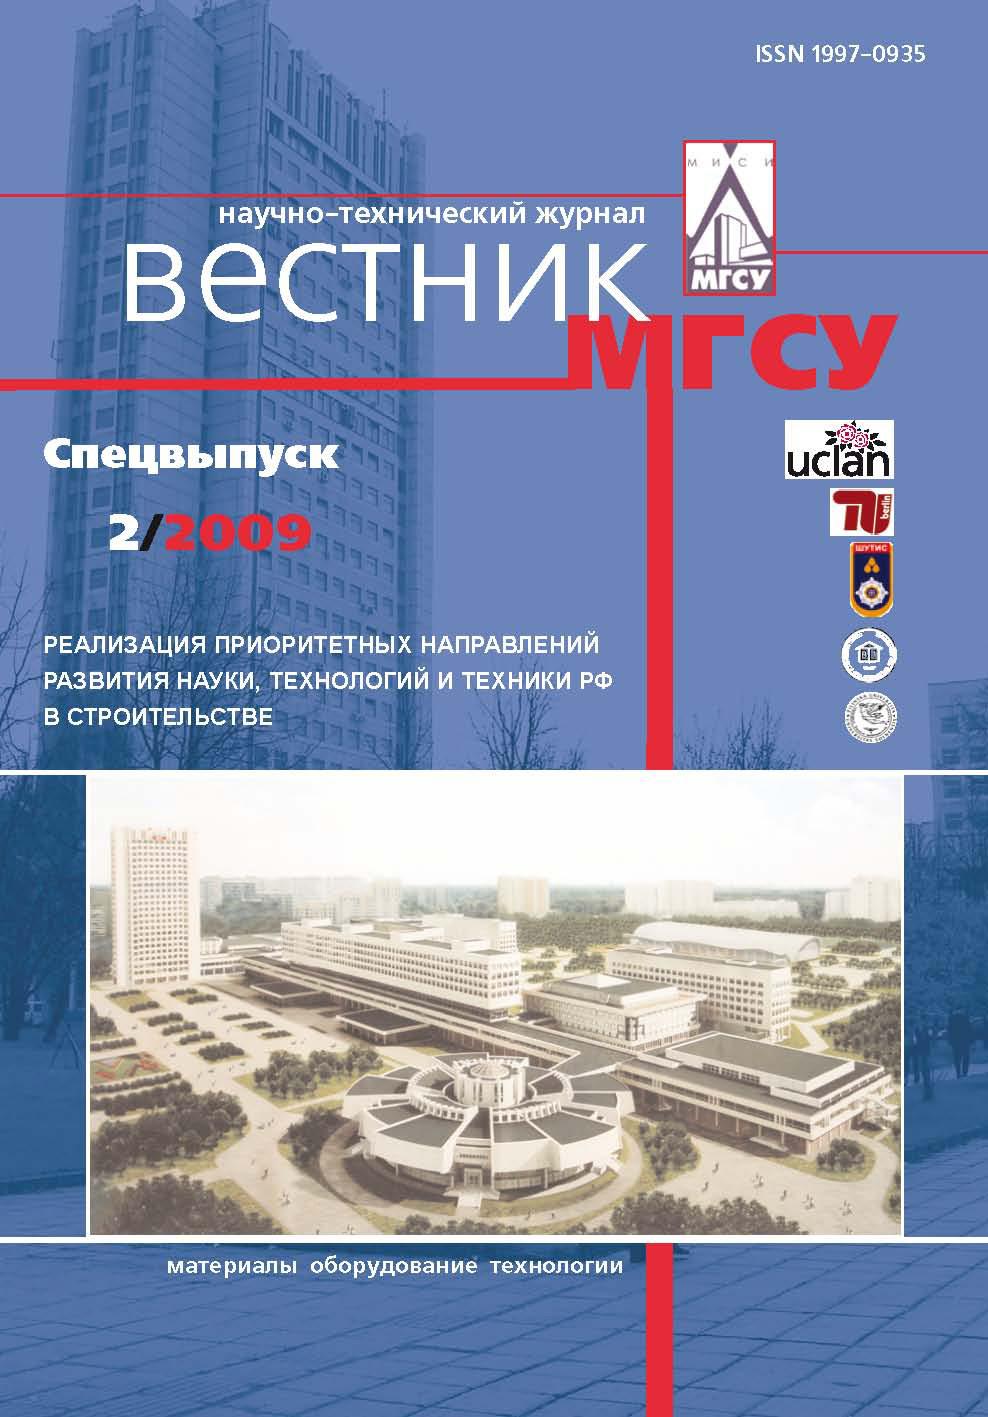 Вестник МГСУ №2 2009. Спецвыпуск